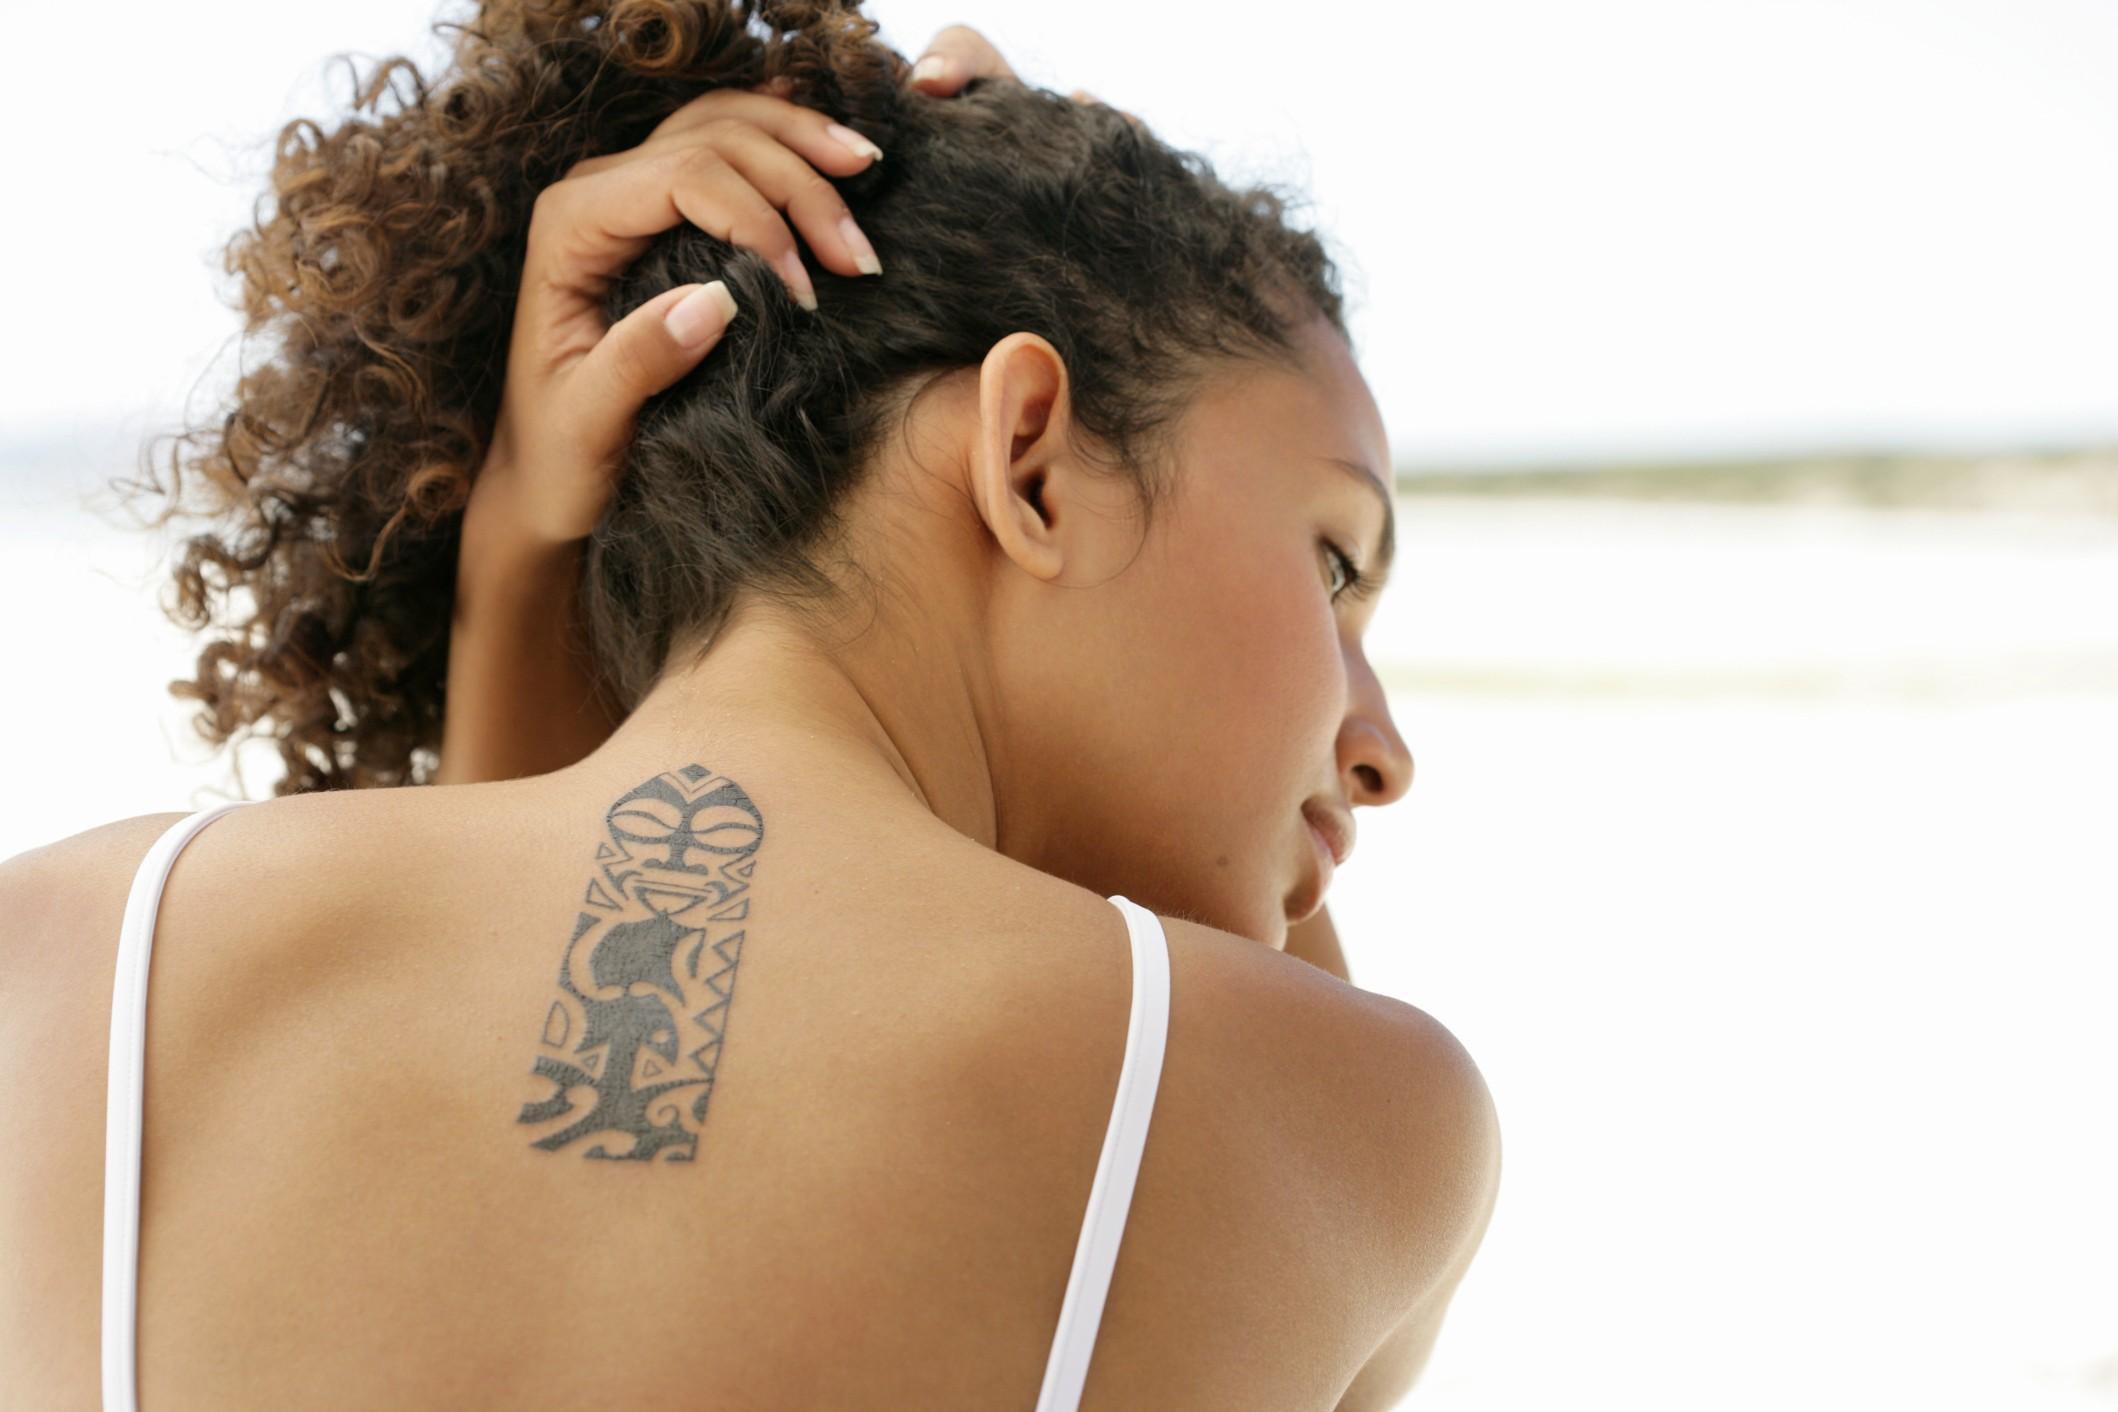 Attenti ai tatuaggi: ecco perché potrebbero essere pericolosi